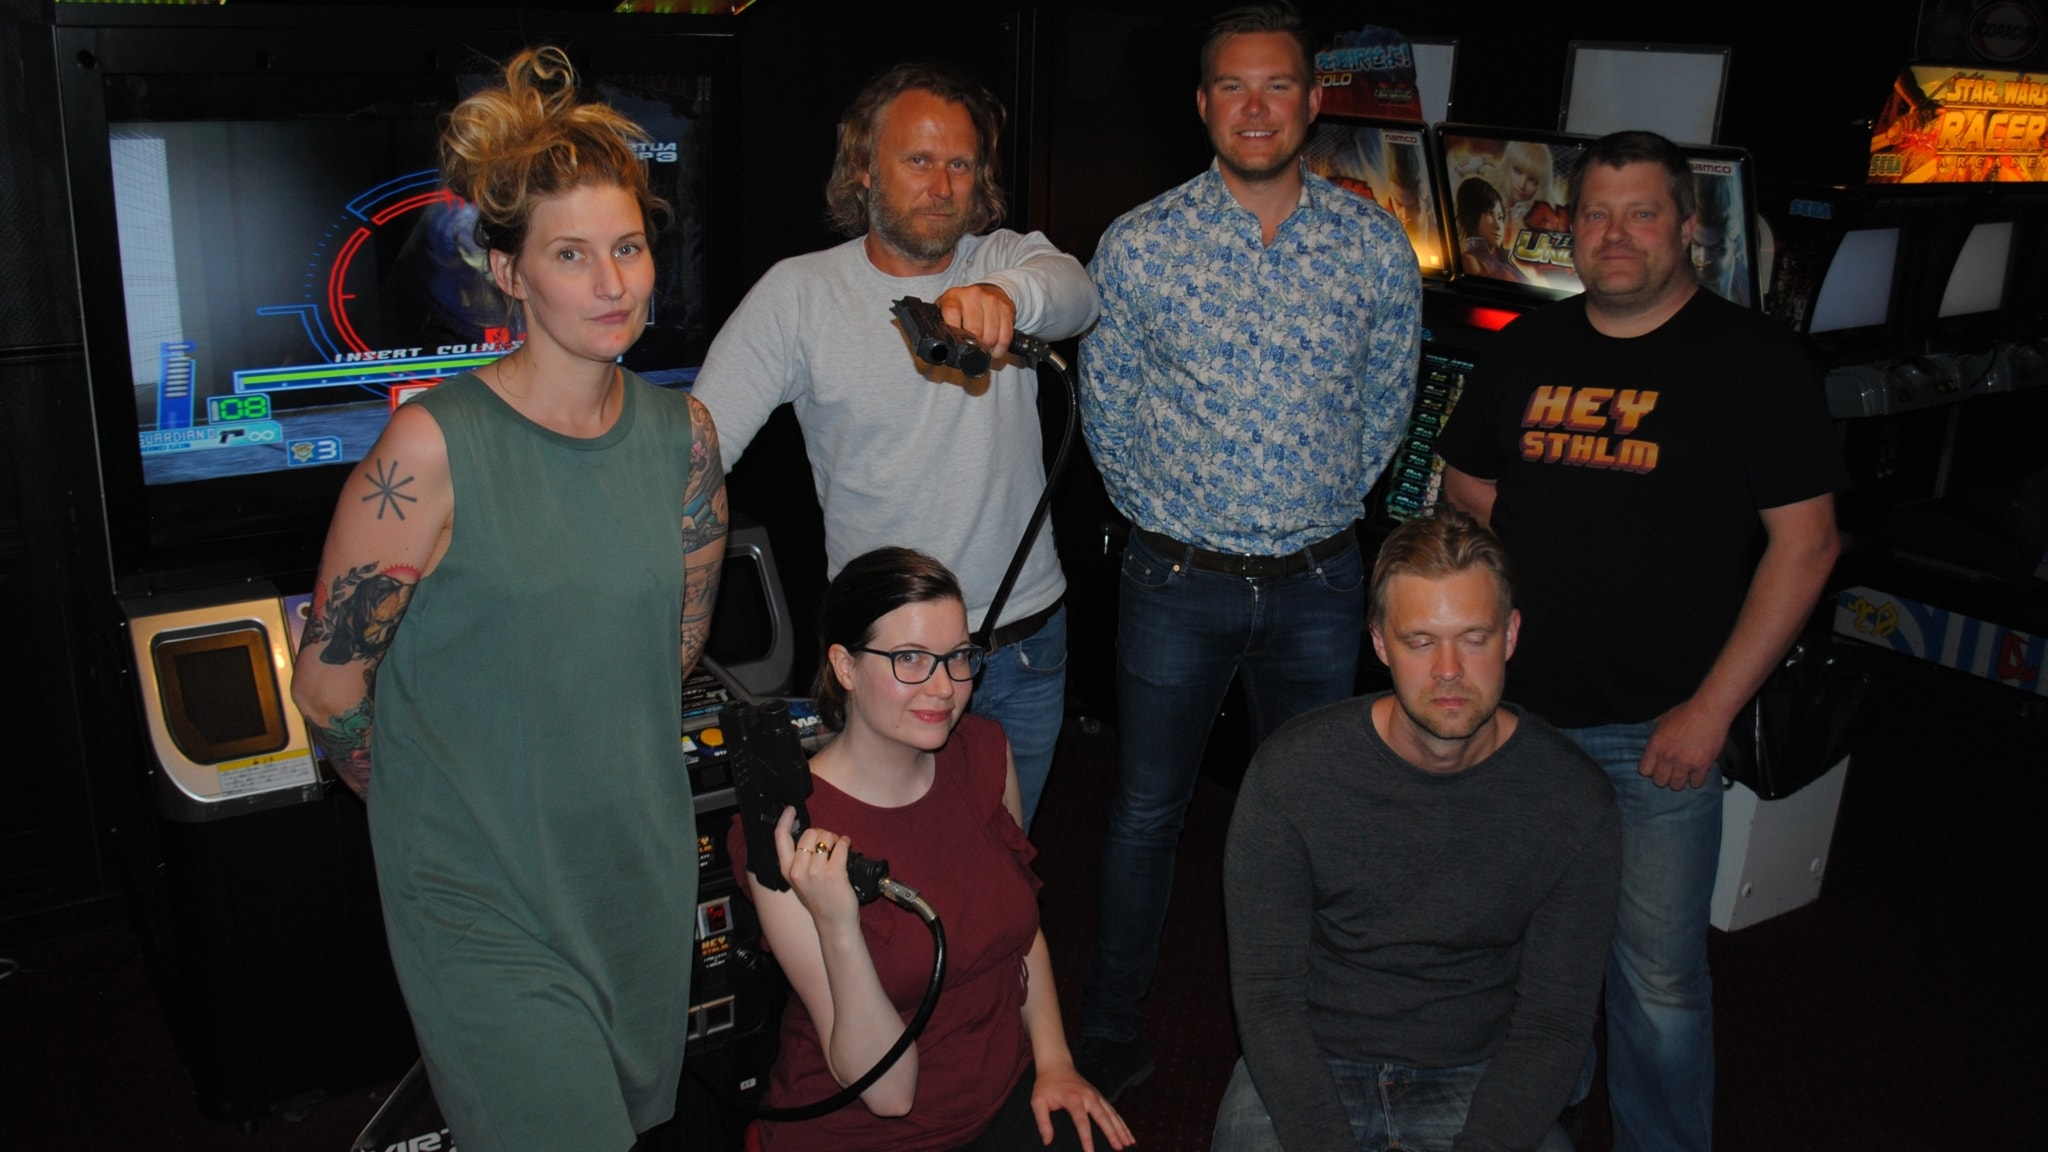 P3 Spel tillsammans med vinnarna av Musikhjälpenauktionen